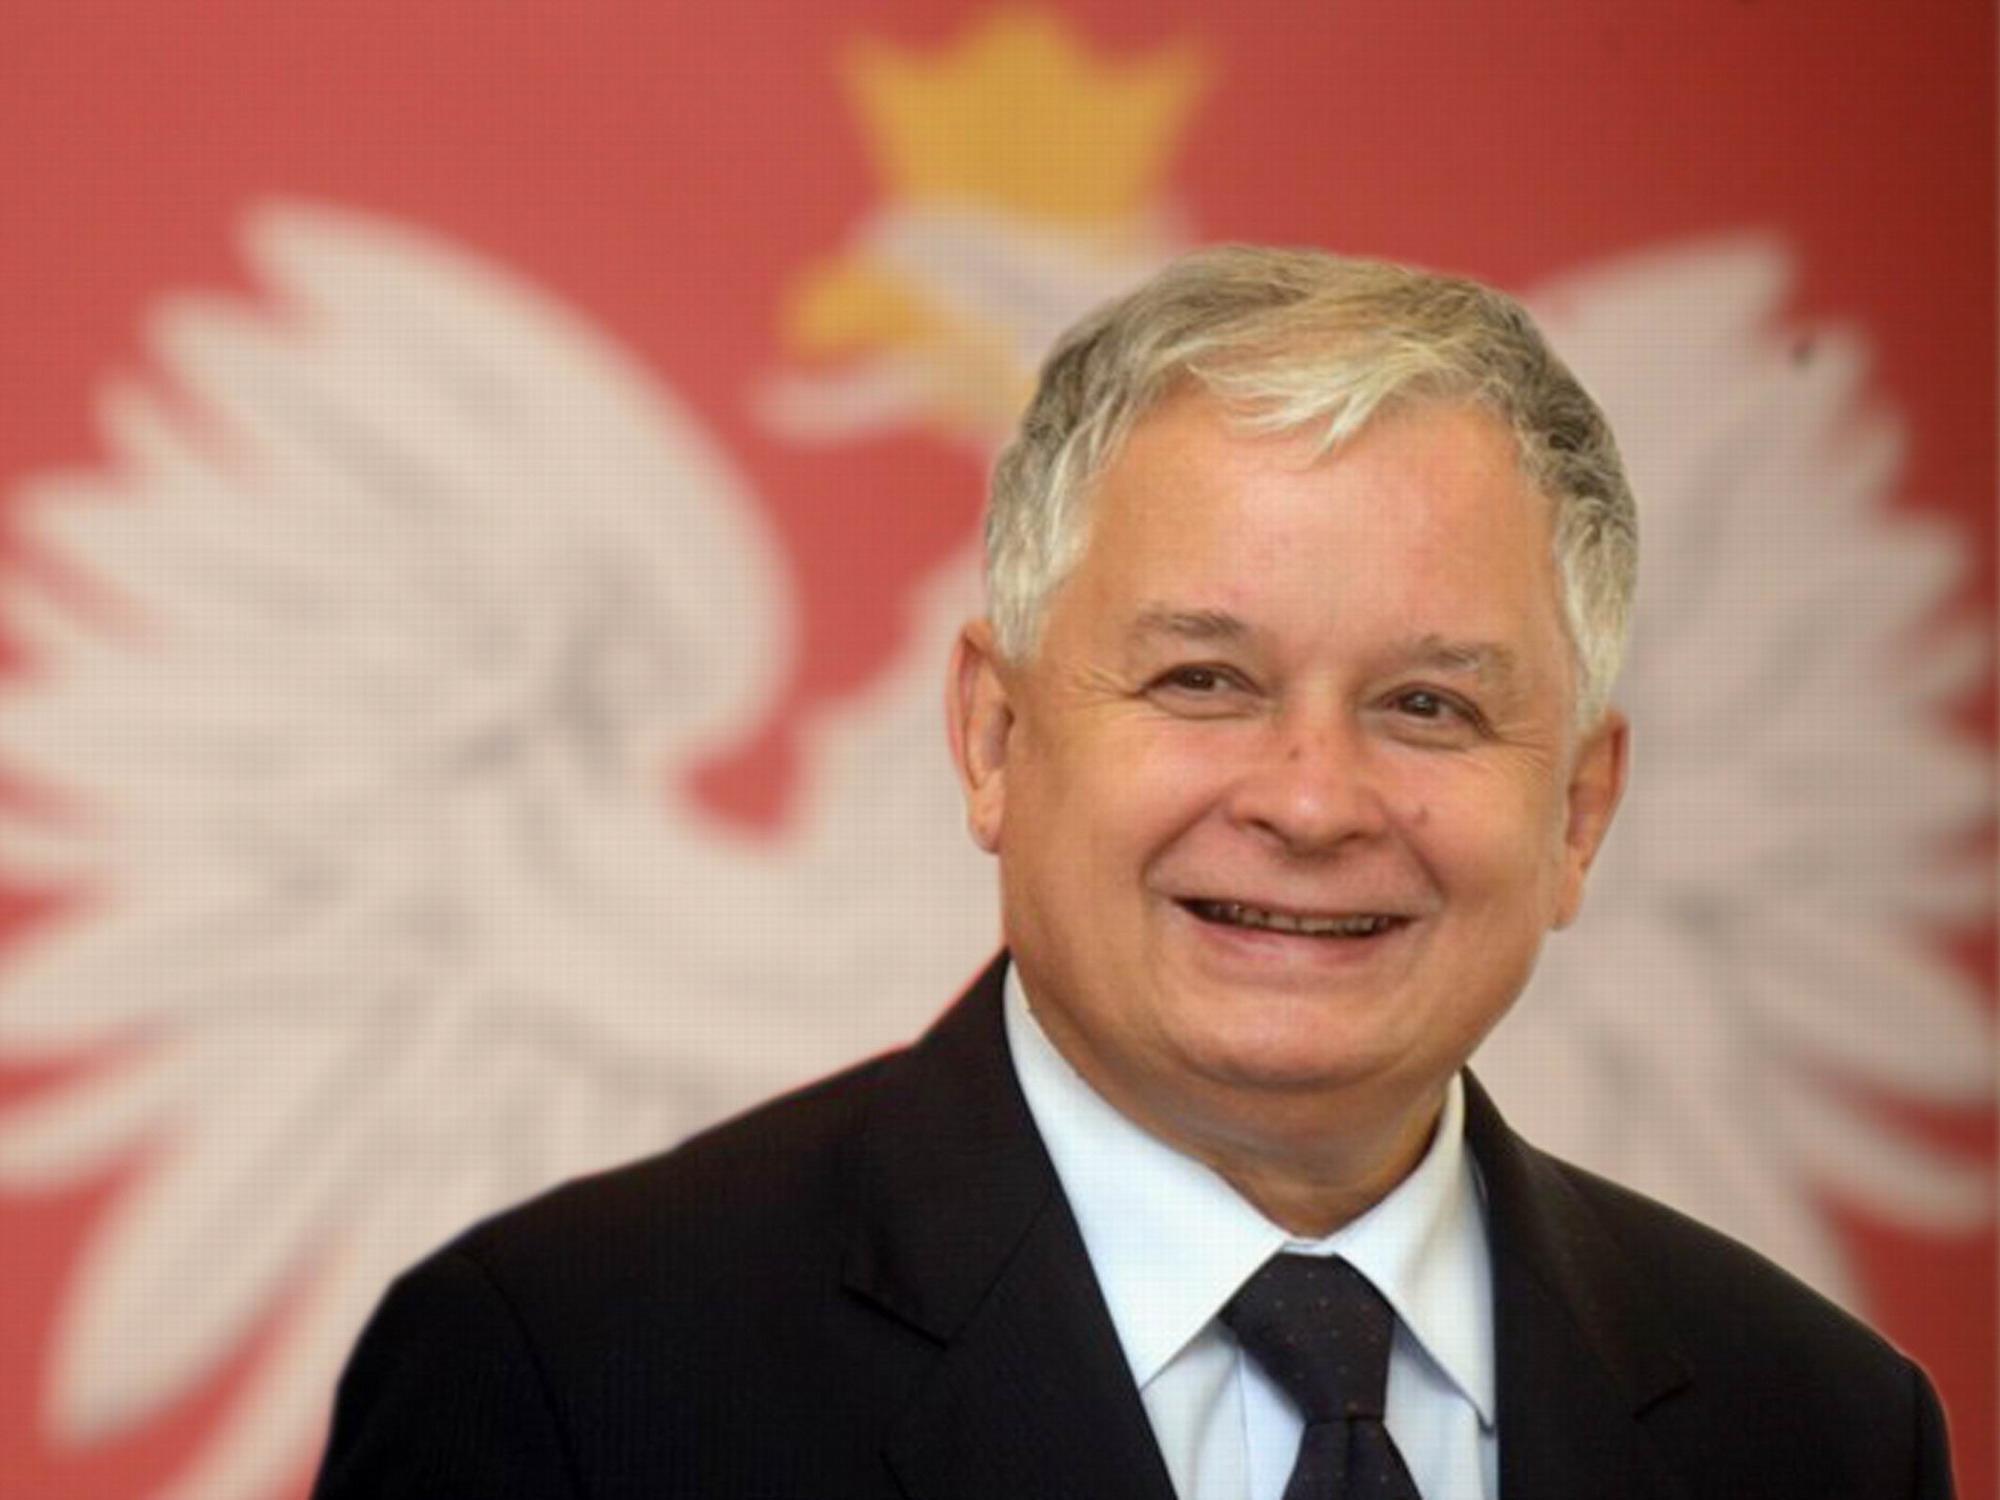 Wspominamy. 13 lat temu Lech Kaczyński został zaprzysiężony na Prezydenta RP